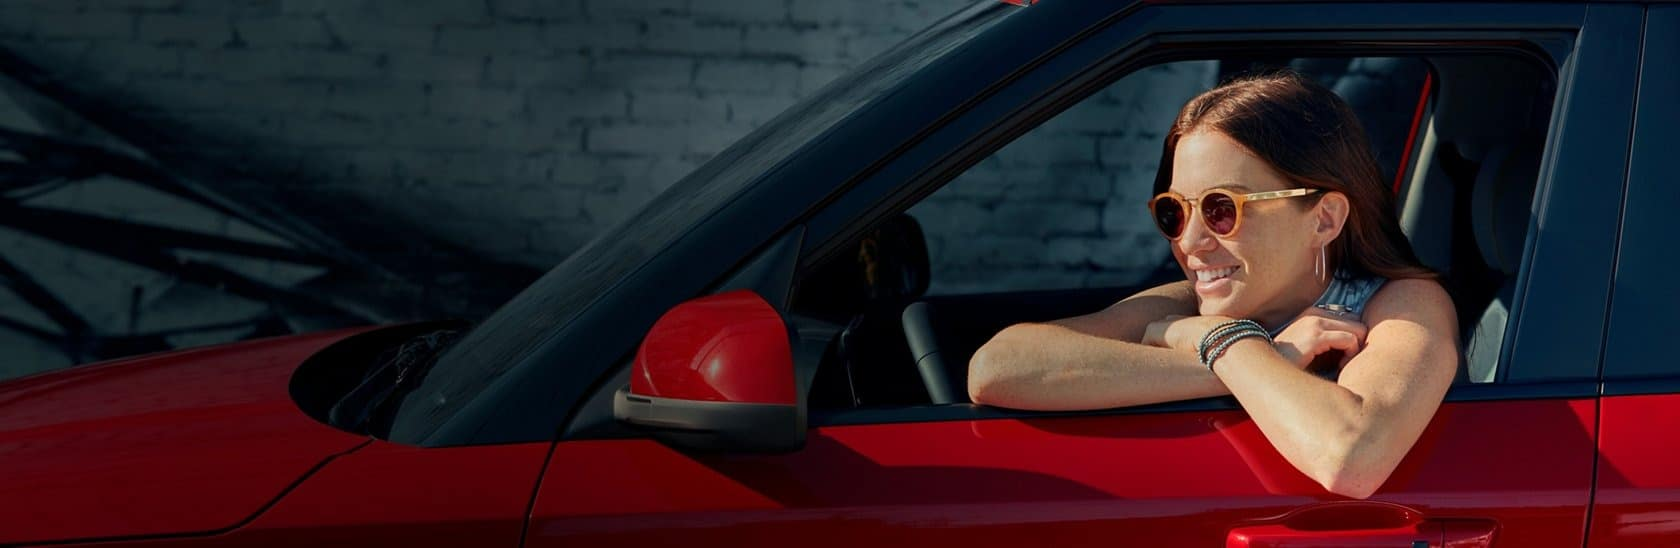 Happy woman in a Hyundai